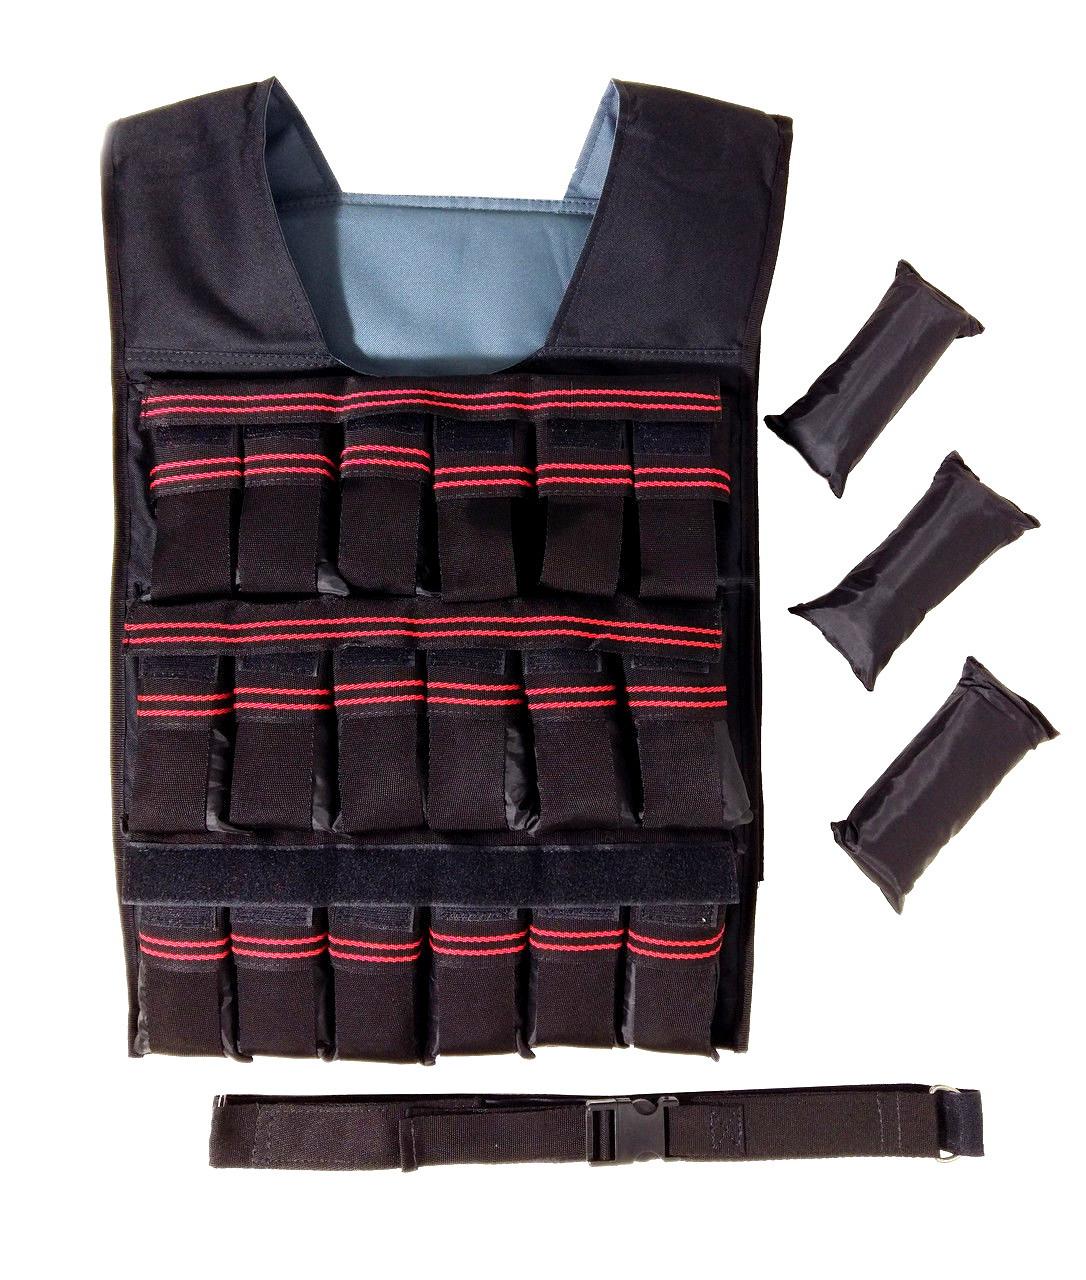 Утяжелительный жилет с регулируемым весом 18 кг, наборной (Жилет утяжелитель)